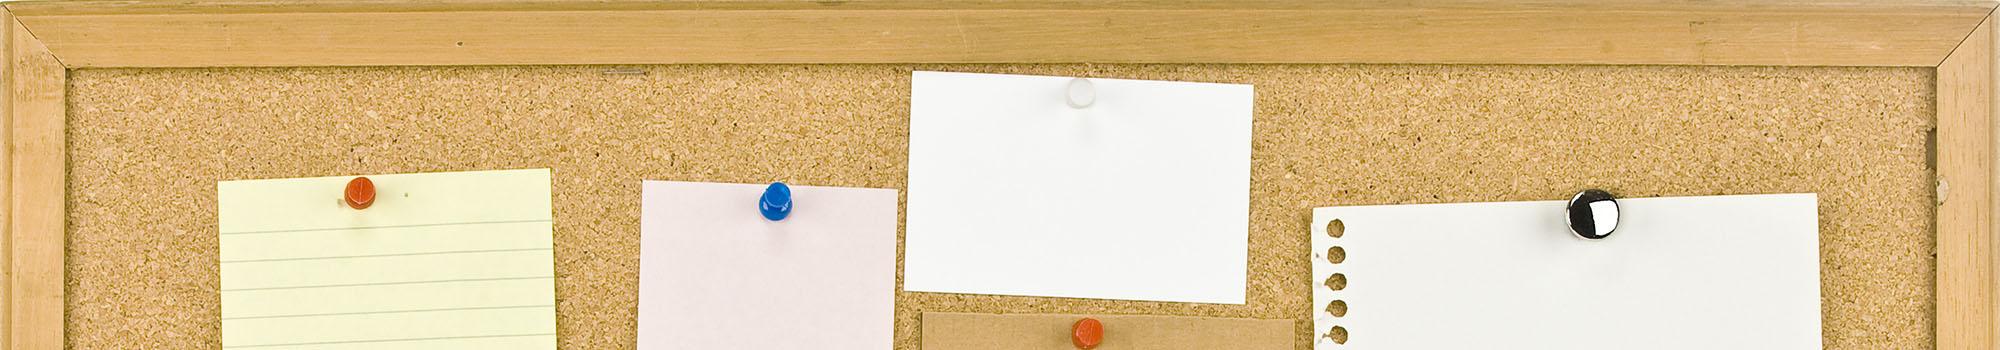 מעולה לוחות משרדיים - פוטו נגבה חנות צילום, פיתוח תמונות דרך האתר או UP-42